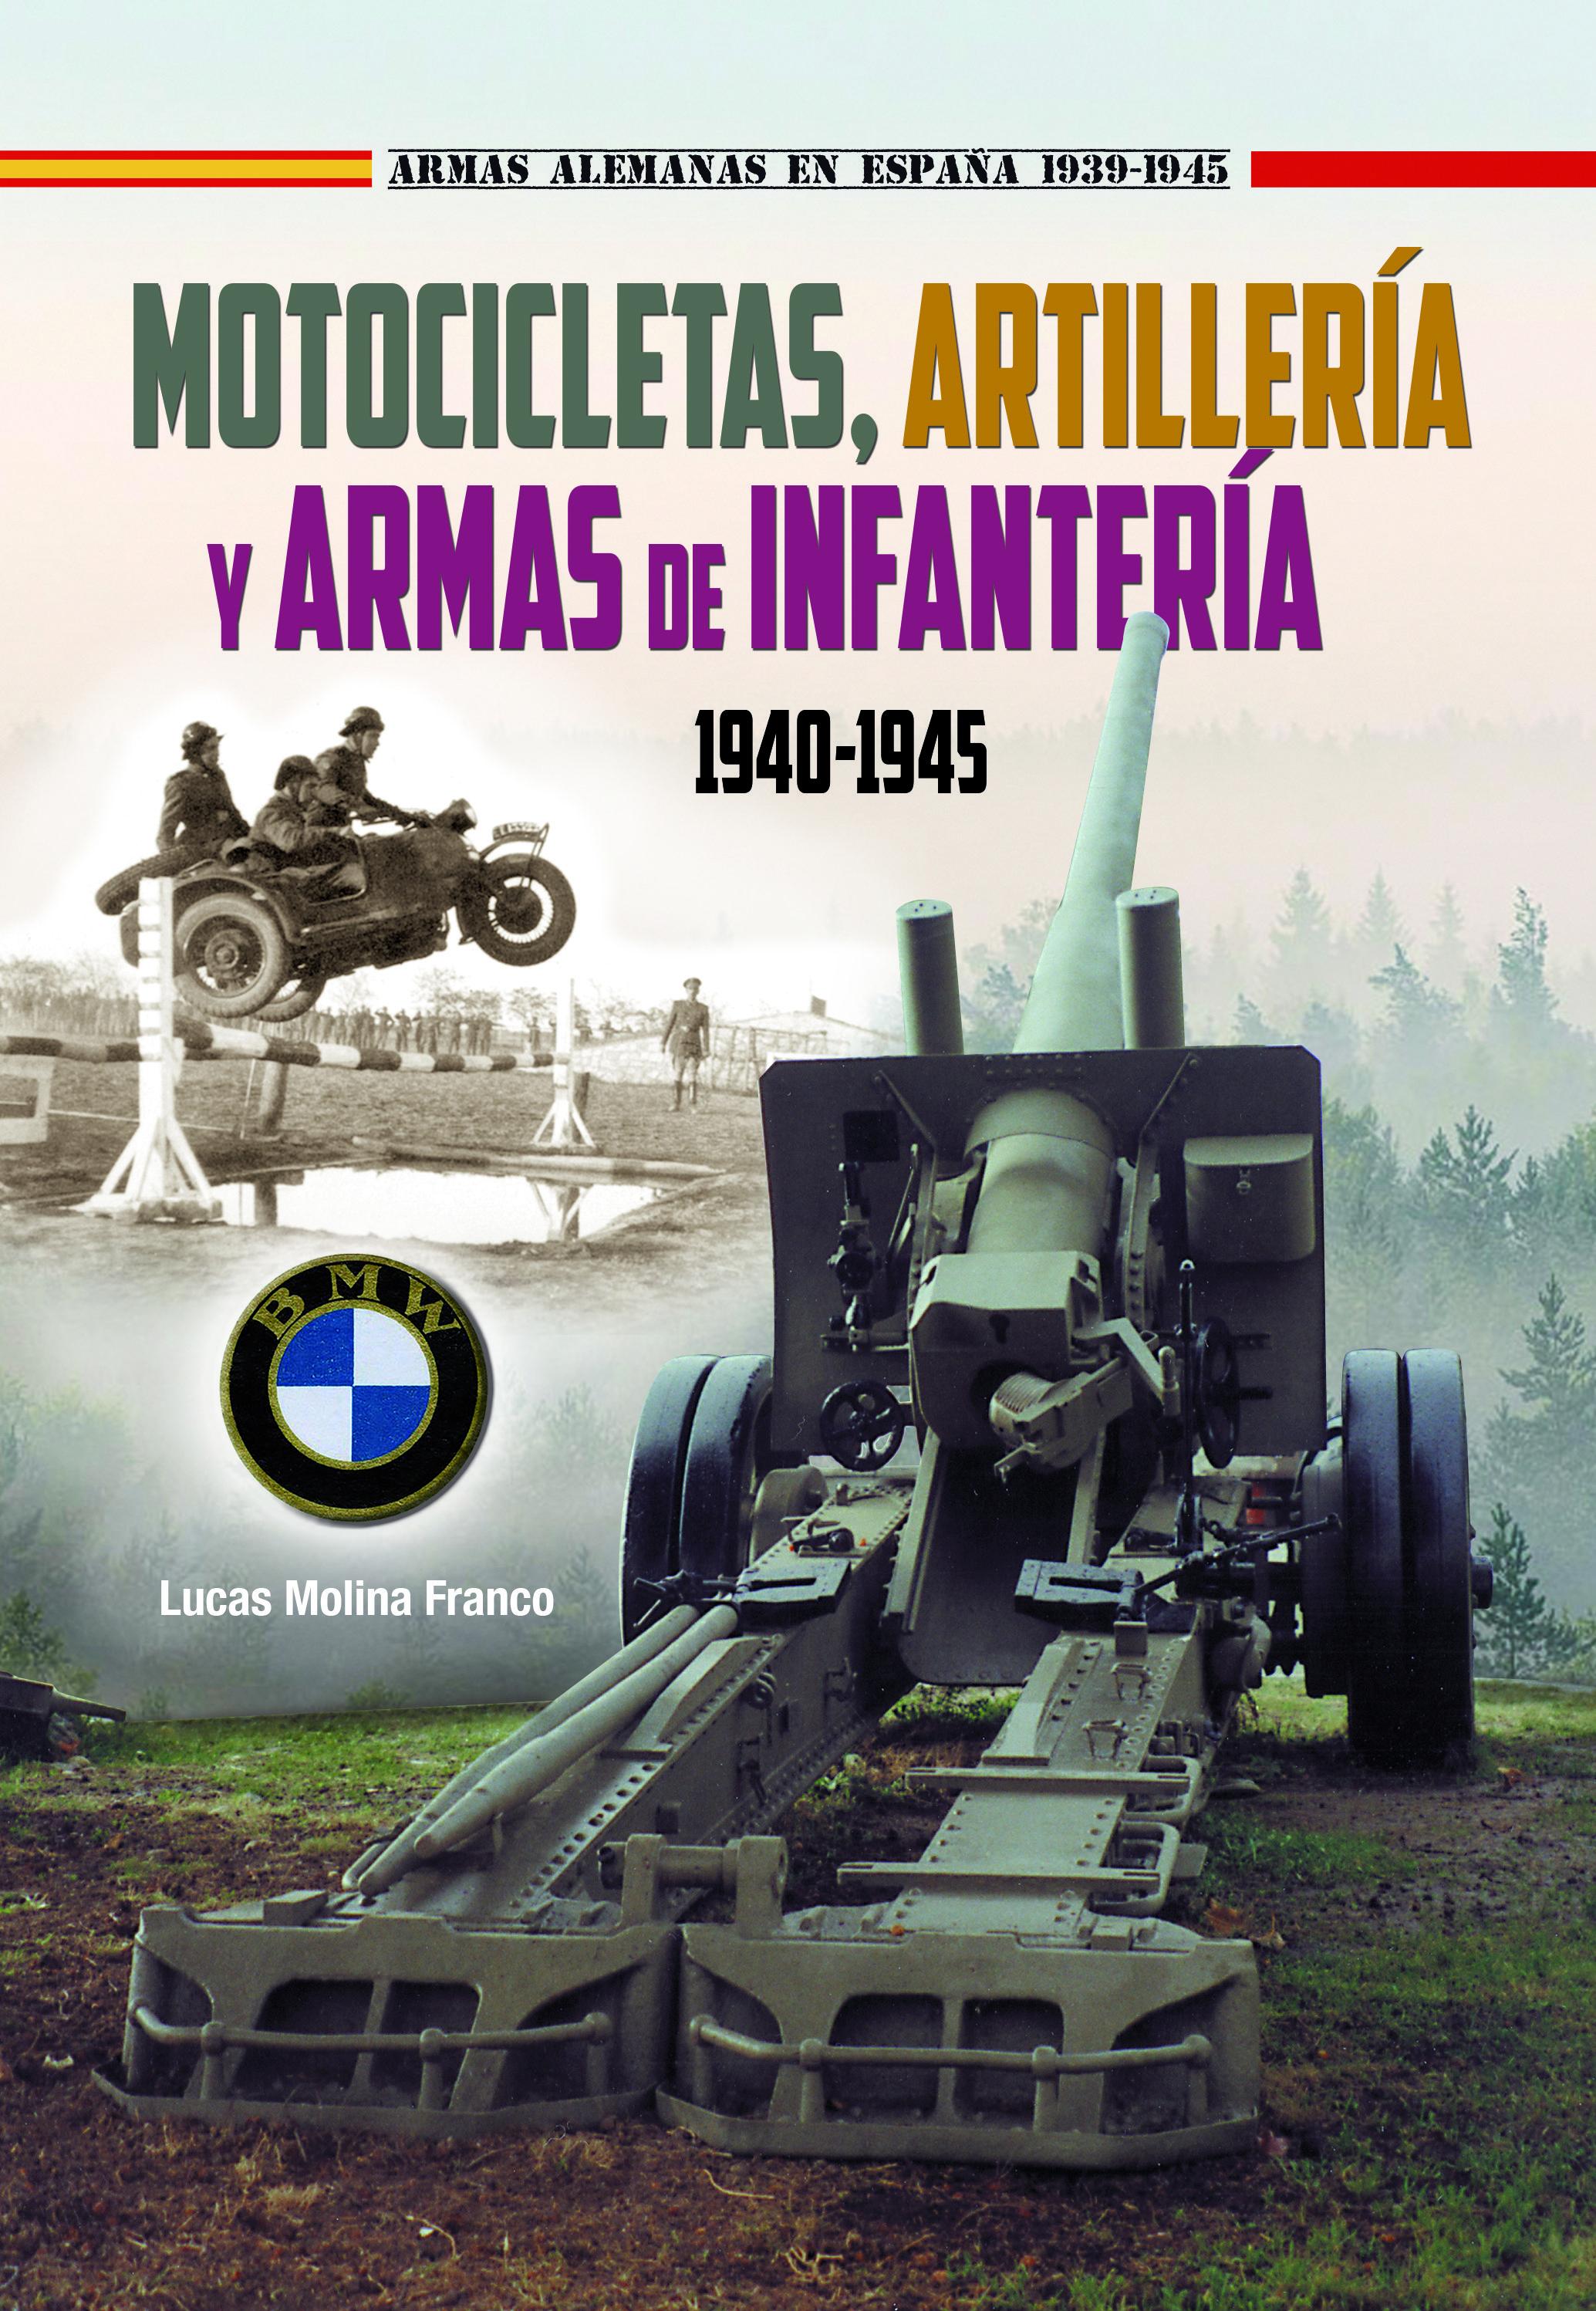 MOTOCICLETAS ARTILLERIA Y ARMAS DE INFANTERIA 1940 1945